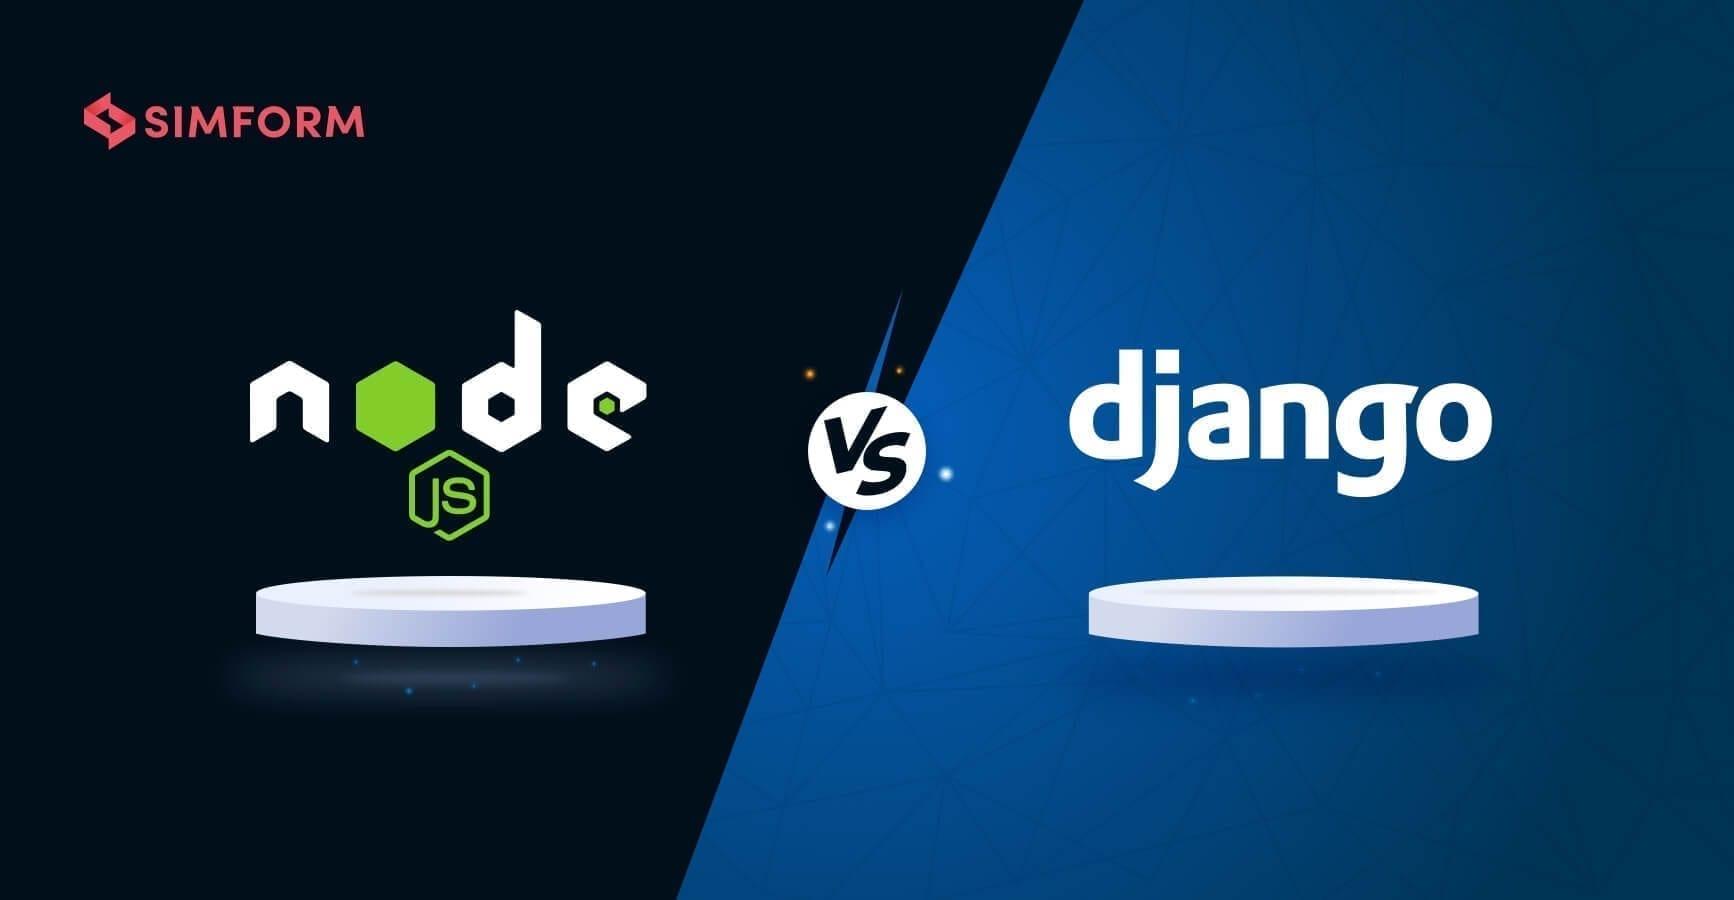 Node.js vs Django banner